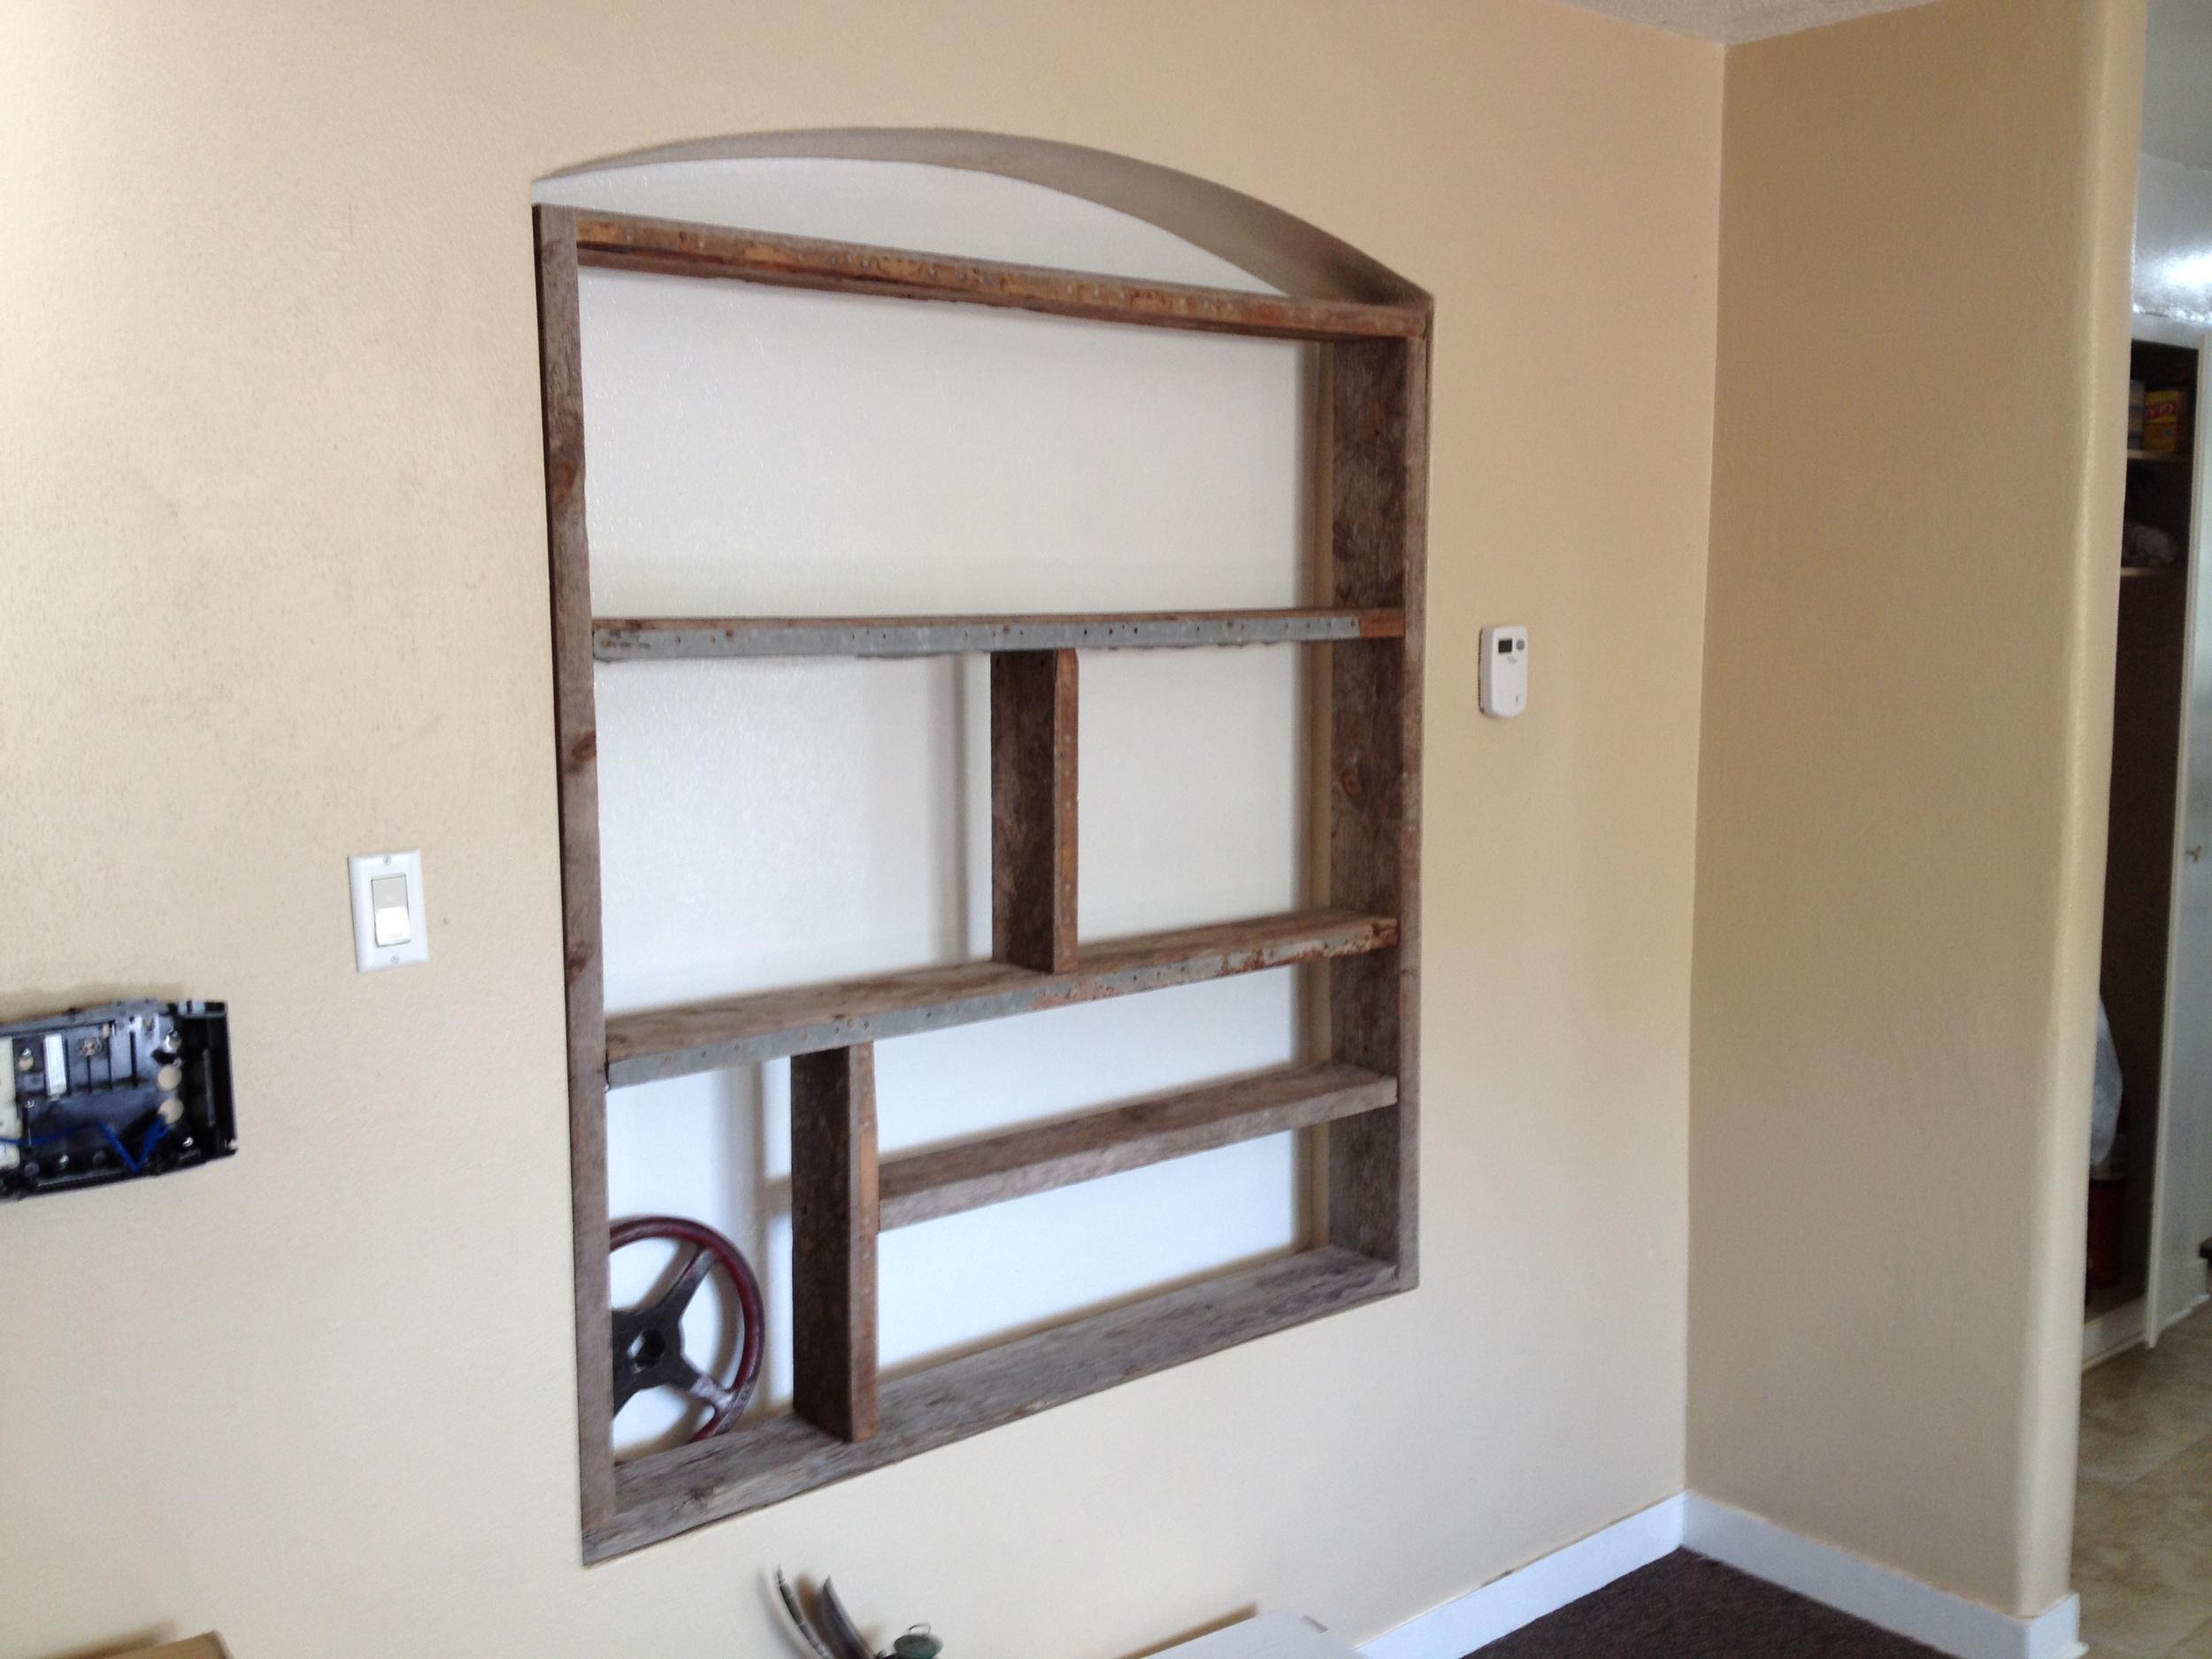 Bookshelf made of reclaimed barnwood